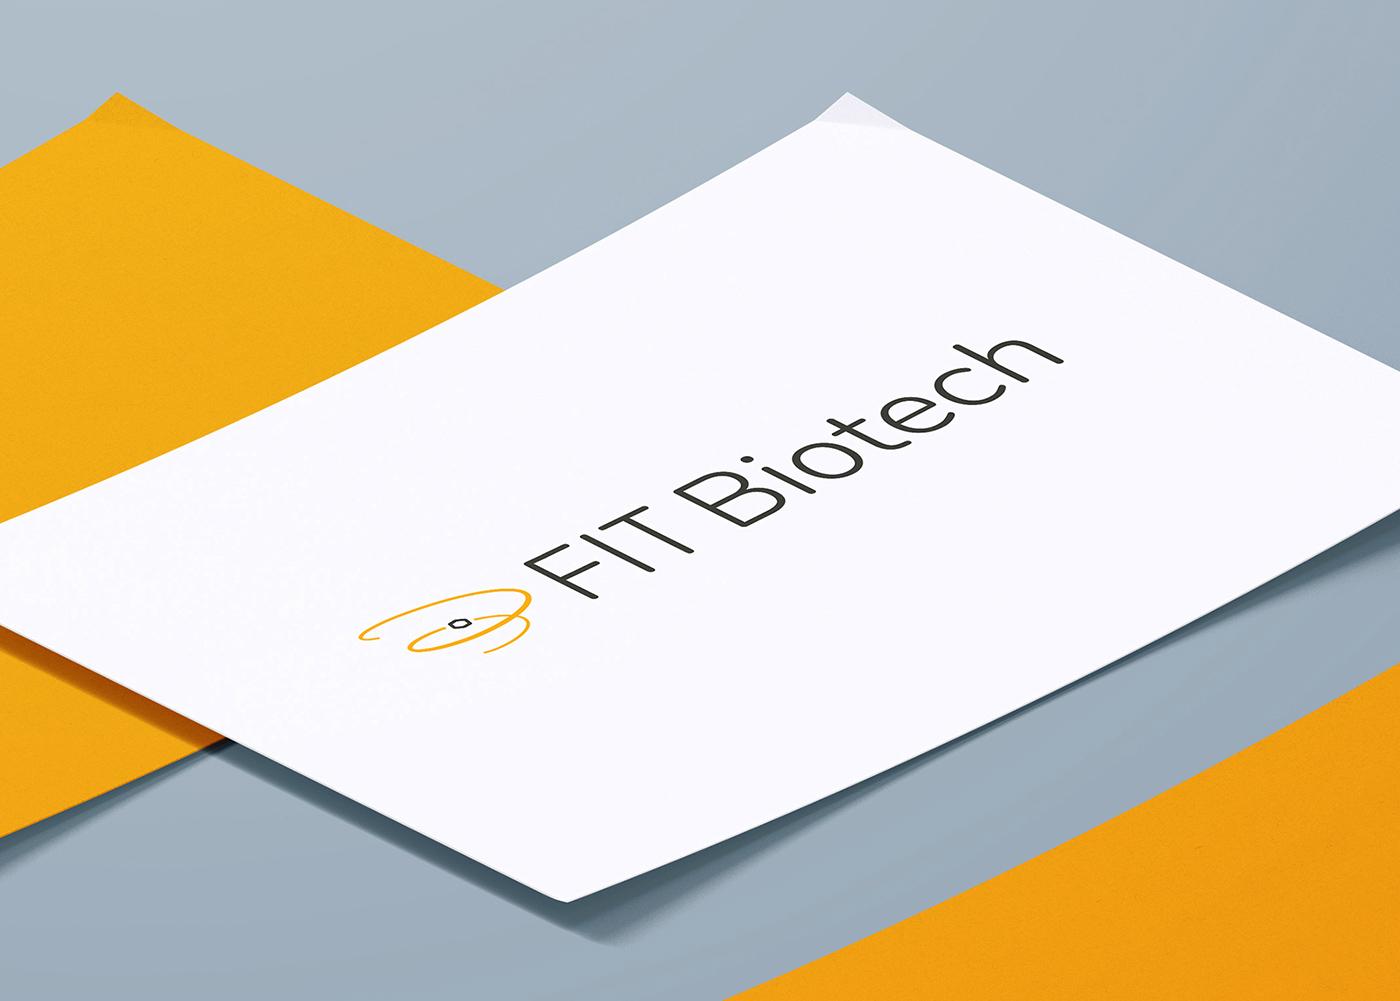 FIT_Biotech_logo_image.jpg